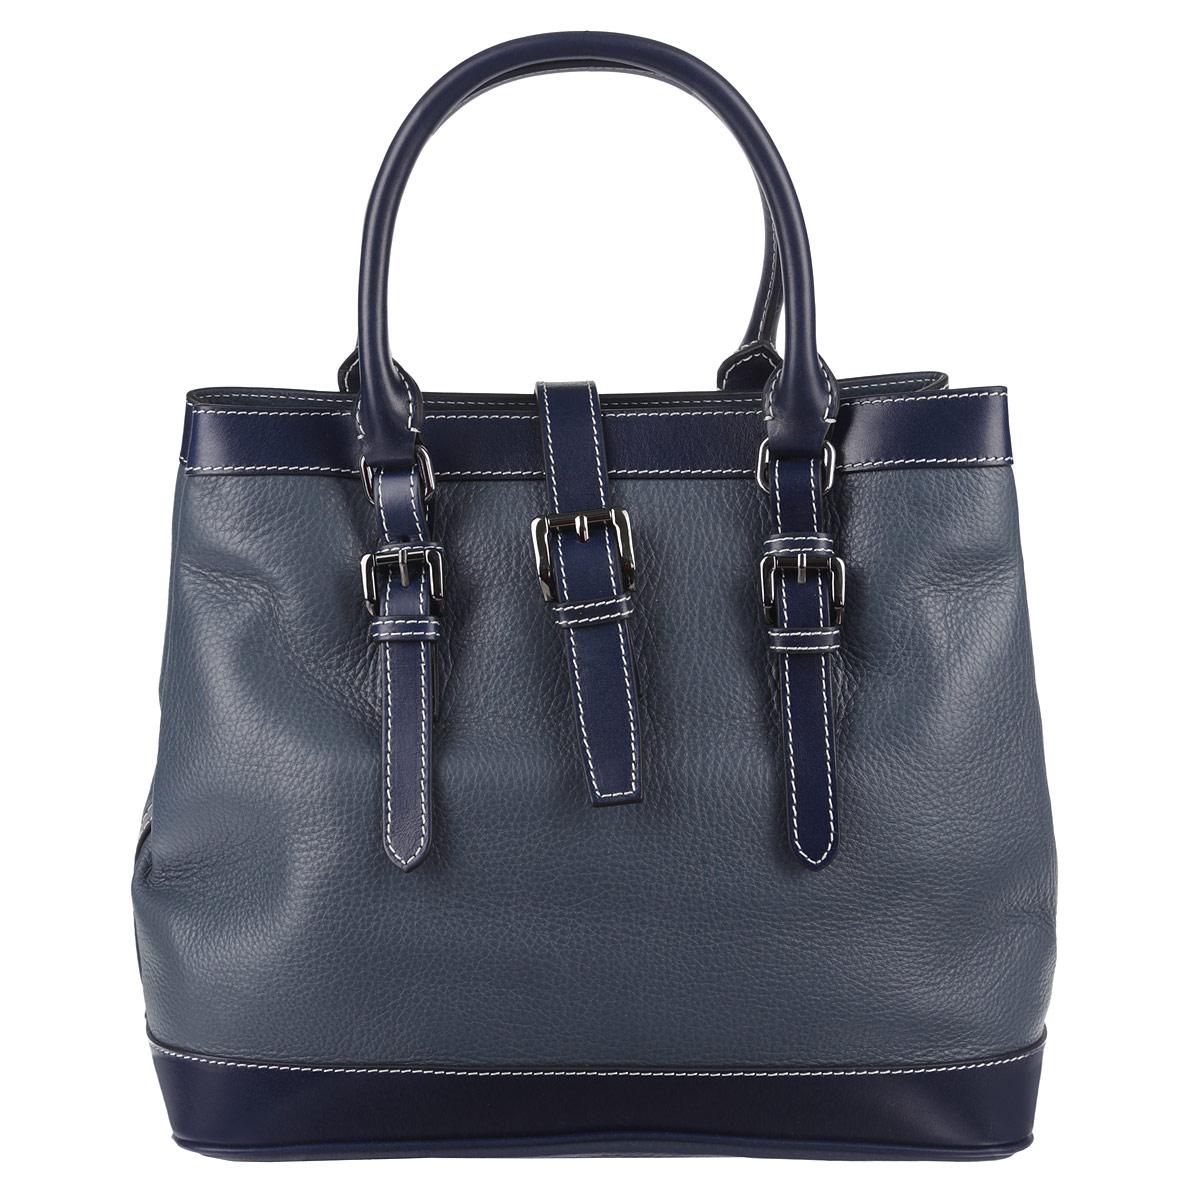 Сумка женская Frija, цвет: синий, темно-синий. 21-0161-1321-0161-13Стильная женская сумка Frija выполнена из натуральной кожи в классическом стиле. Внутри сумки одно основное отделение и два внутренних кармана для телефона и мелочей, два из которых на молнии. Снаружи сумка закрывается на молнию и на хлястик на магните, по бокам крепится кнопками, поэтому ее можно носить в развернутом виде. Высота ручек 14 см. Высота плечевого ремня 137 см. В комплекте чехол для хранения. Роскошная сумка внесёт элегантные нотки в ваш образ и подчеркнёт отменное чувство стиля.